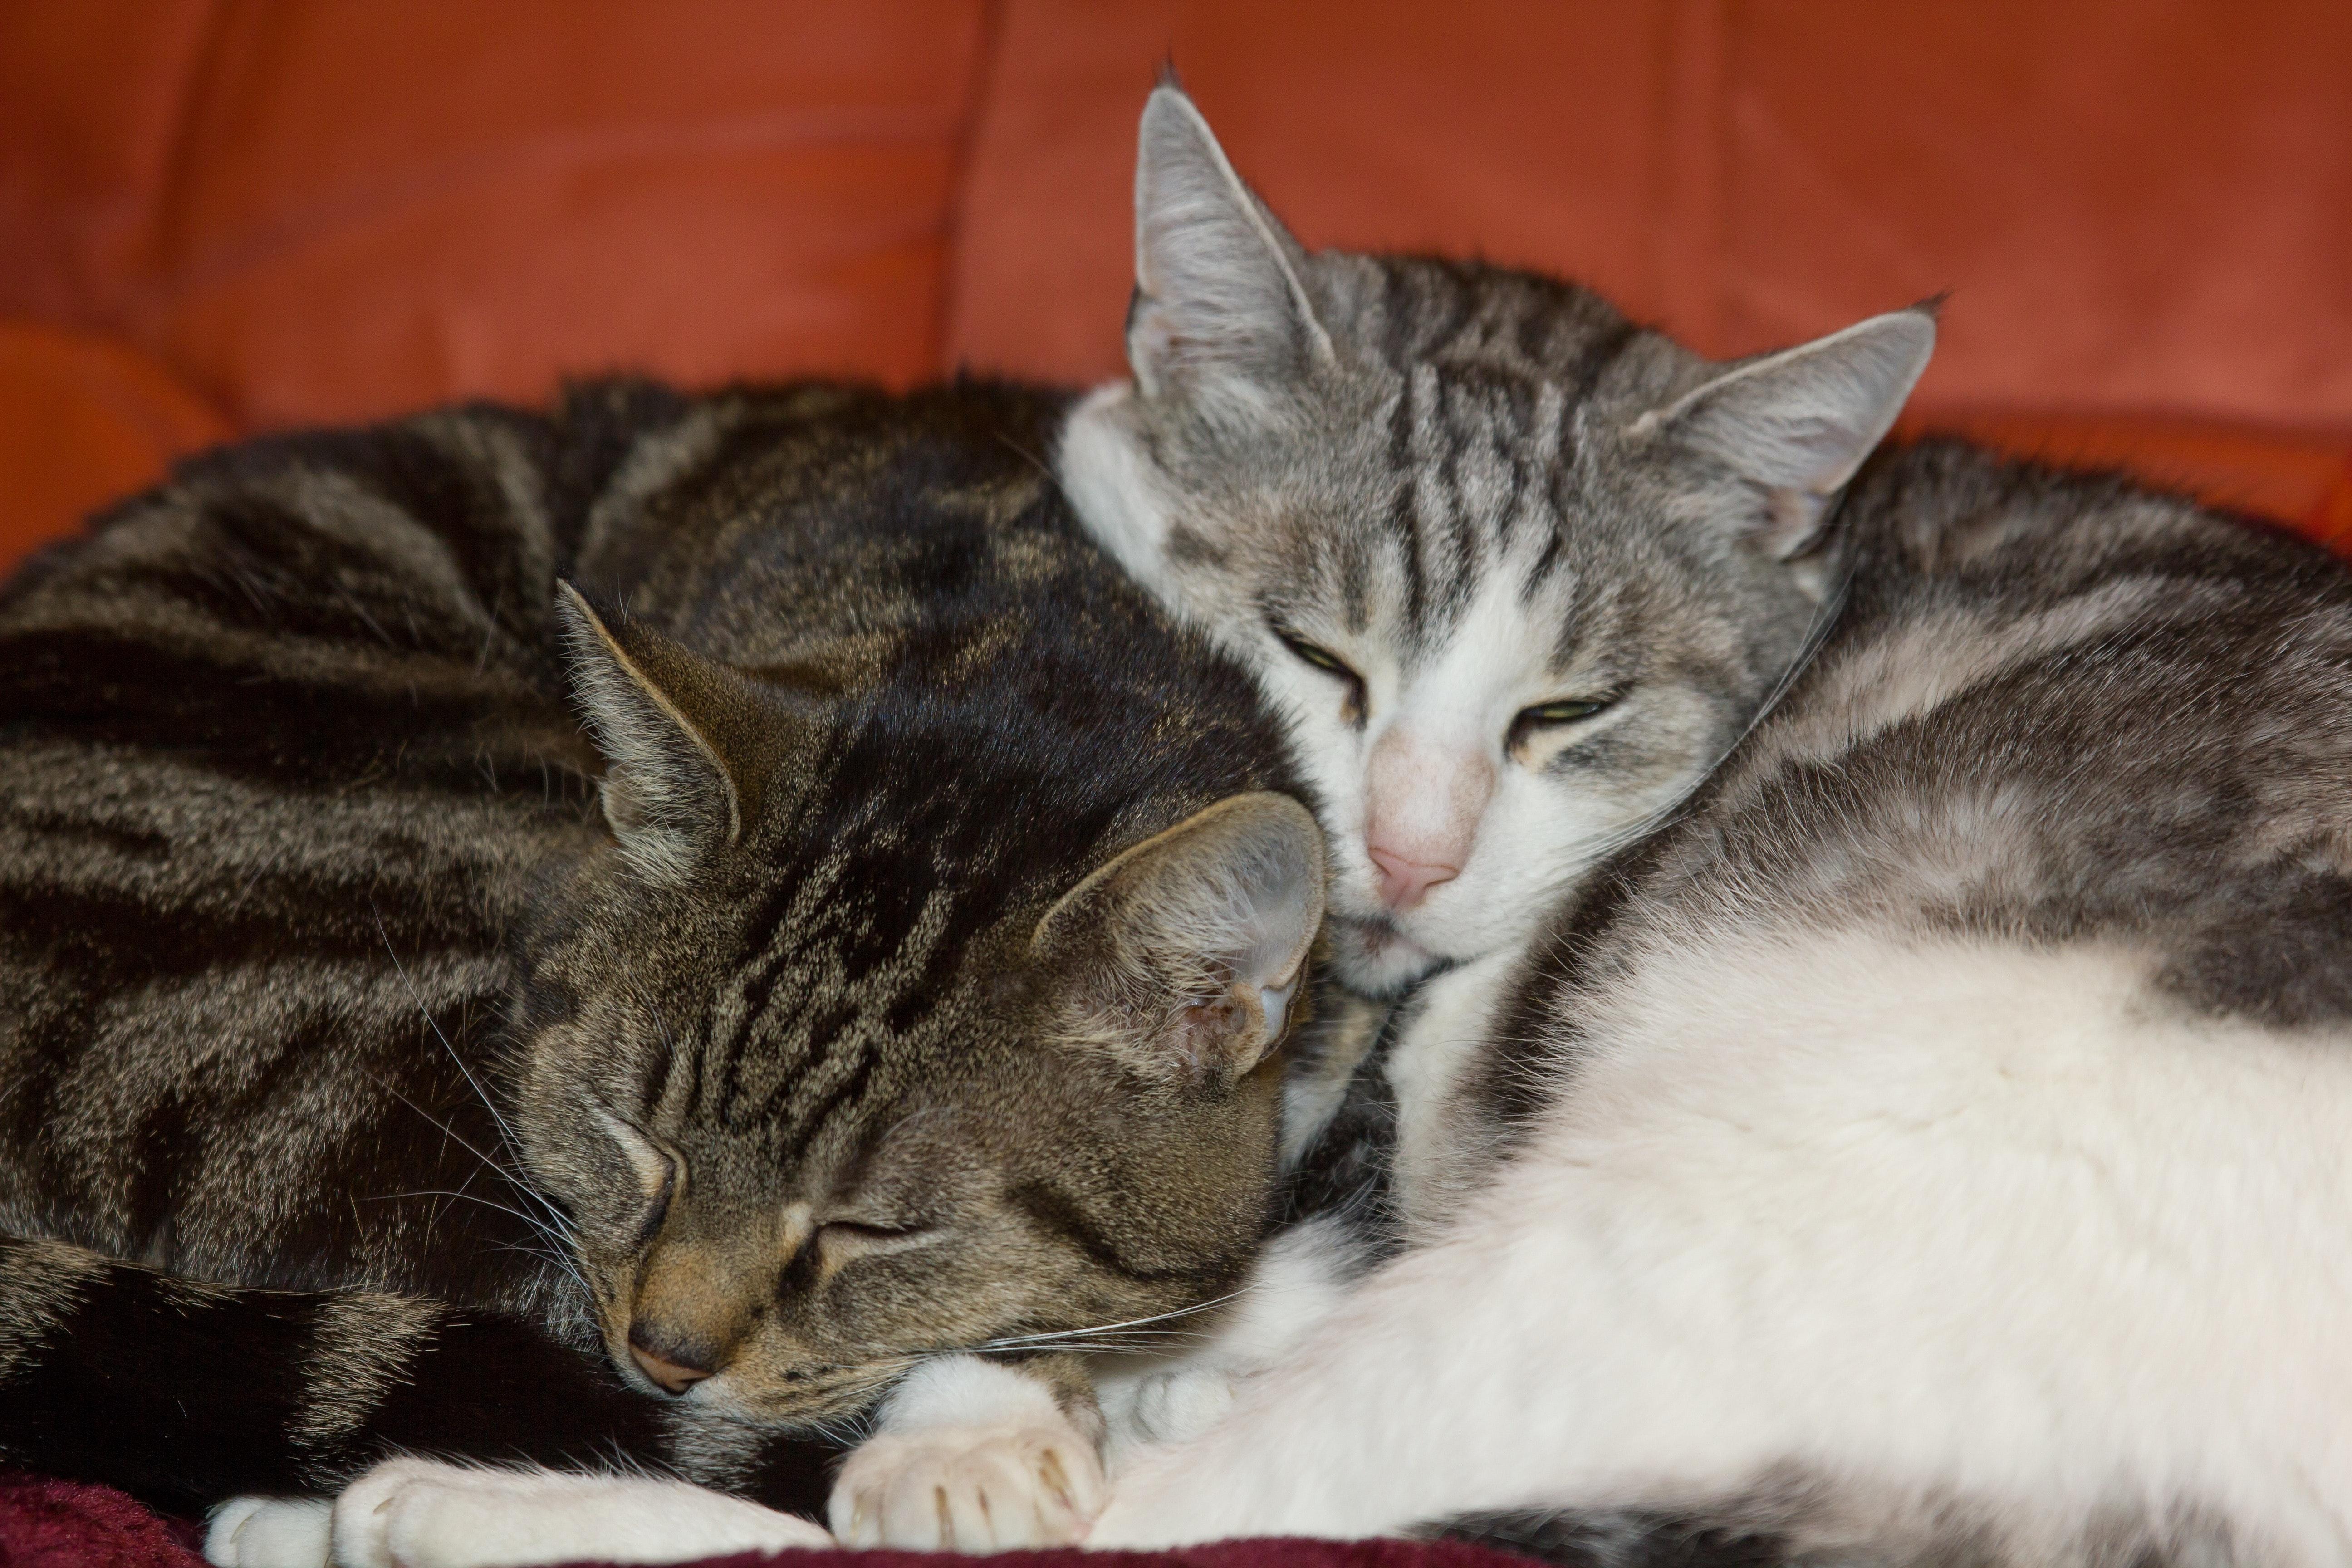 e9b3562cd32f Δωρεάν στοκ φωτογραφιών με αγάπη για τα ζώα